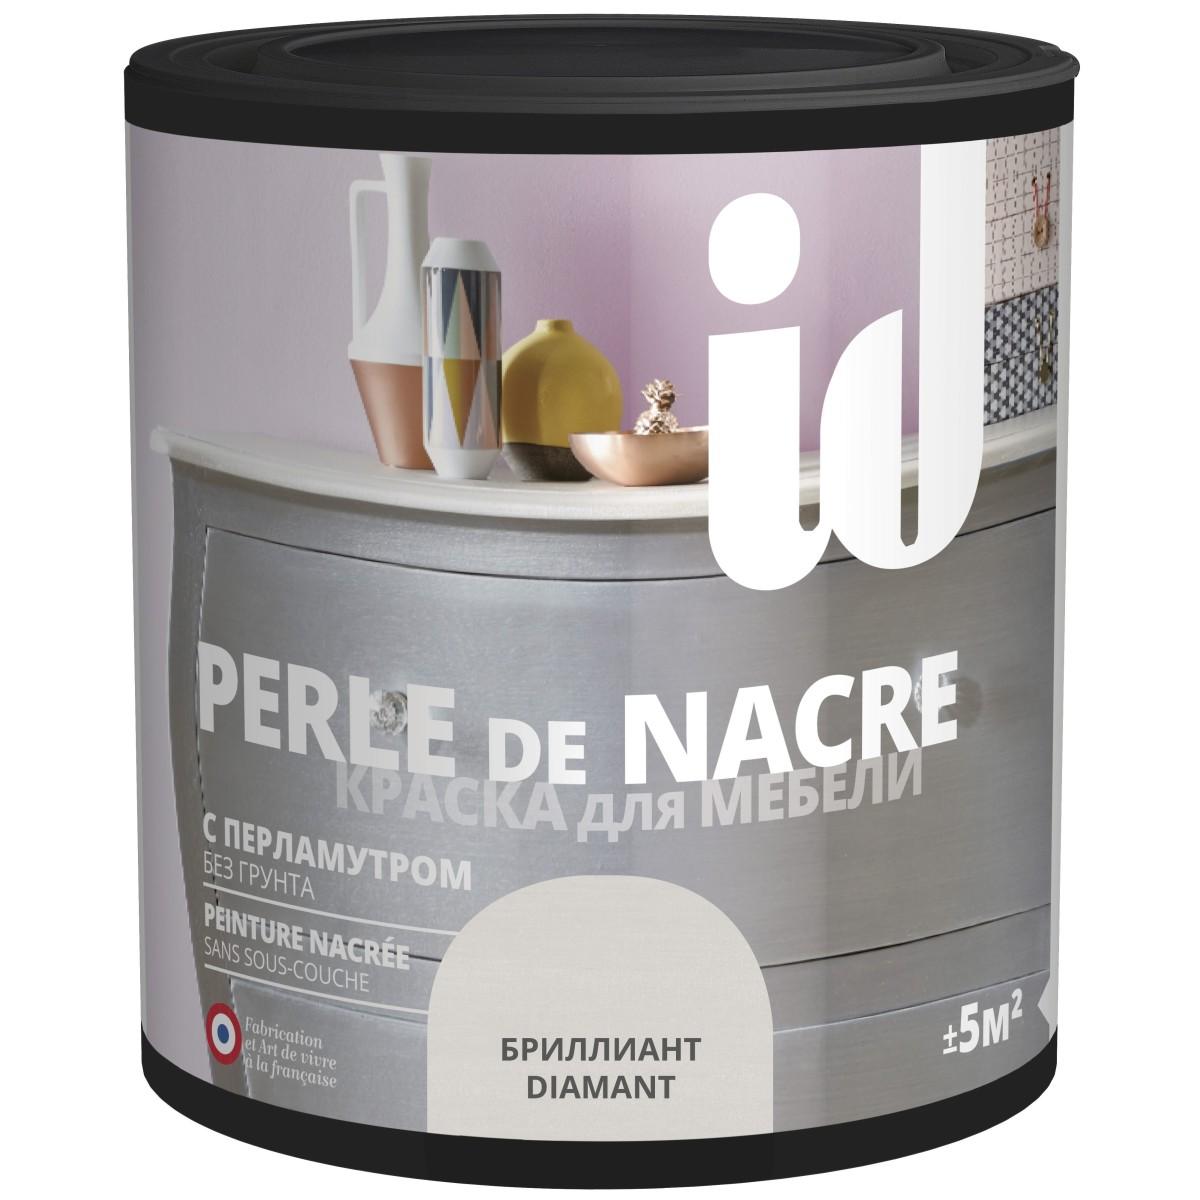 Краска для мебели ID Perle цвет бриллиант 0.5 л